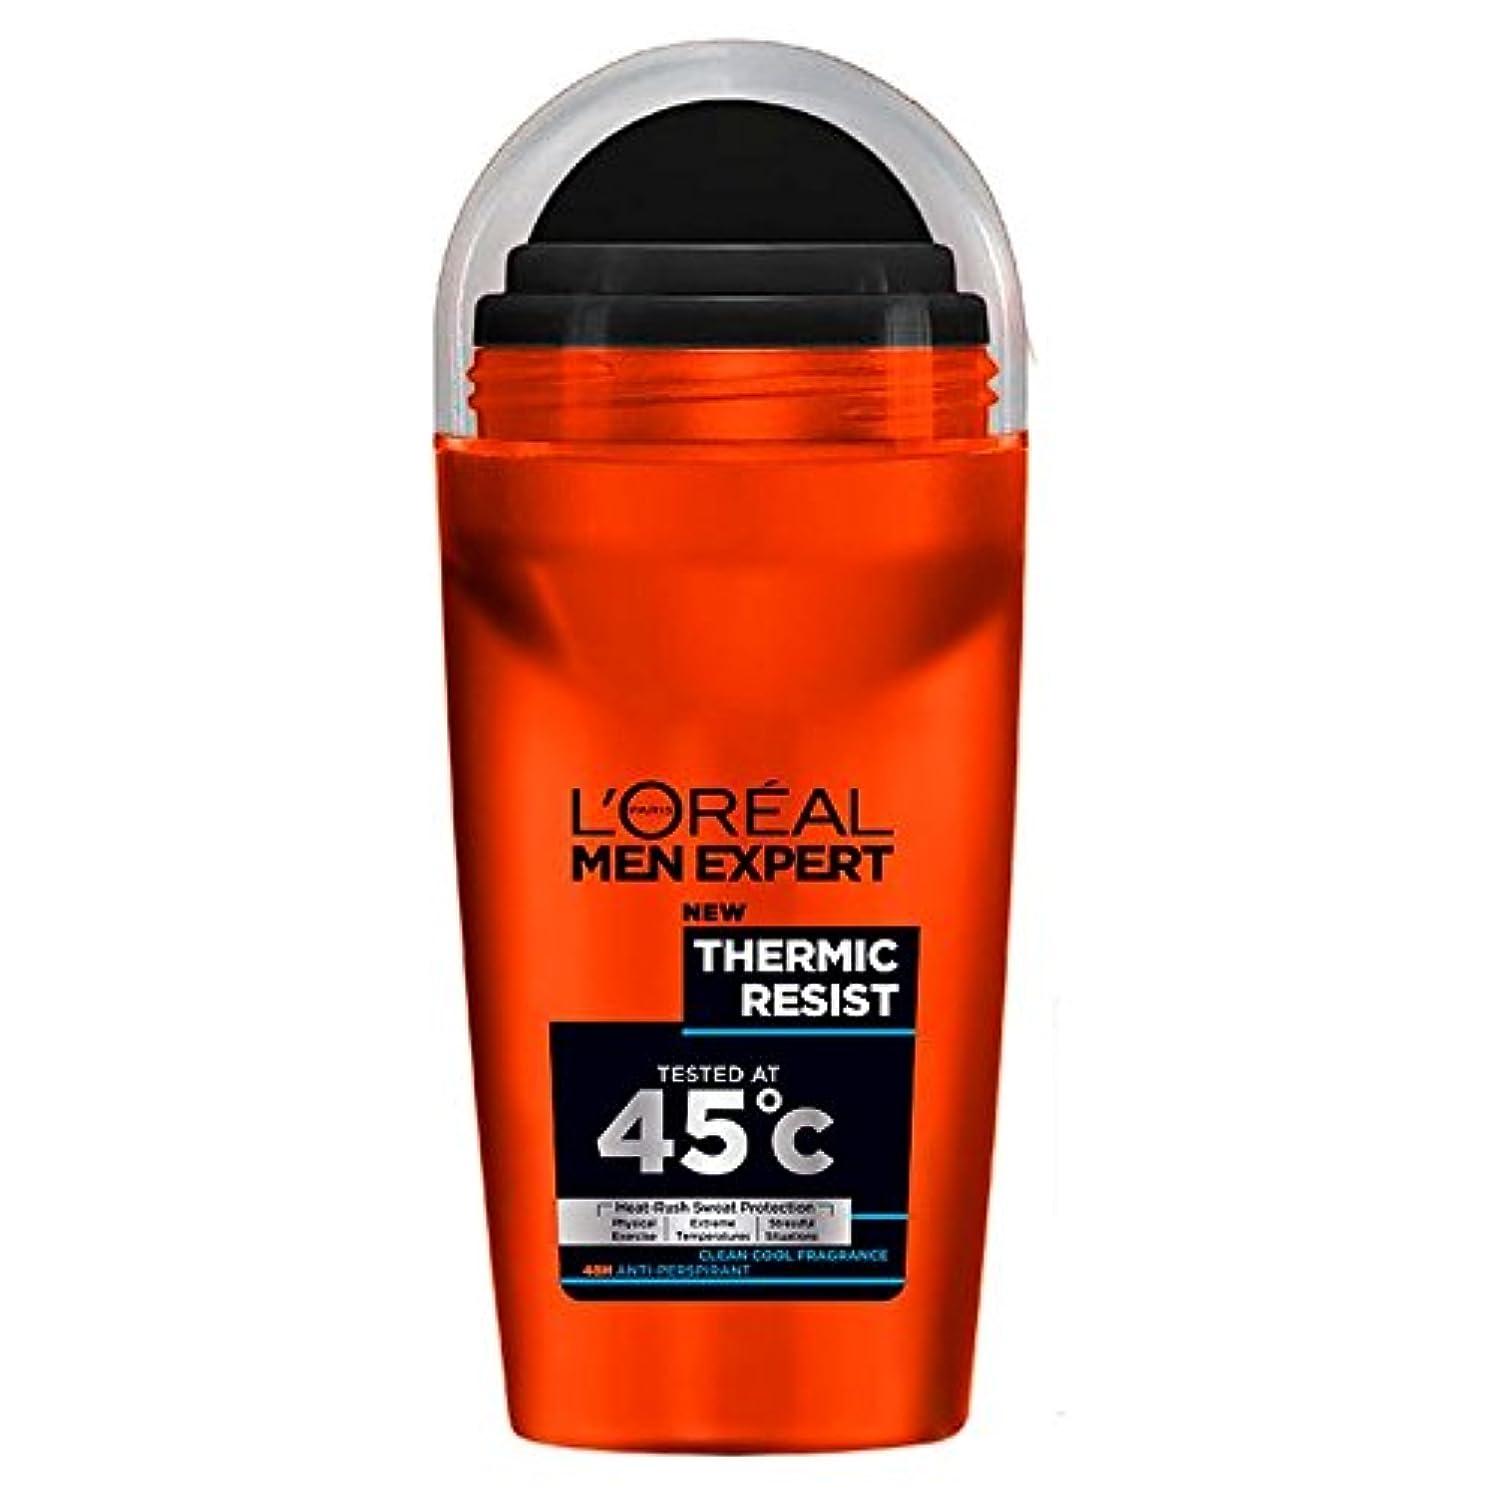 面積四聴覚L'Oreal Paris Men Expert Deodorant Roll-On - Thermic Resist (50ml) L'オラ?アルパリのメンズ専門デオドラントロールオン - サーミックにレジスト( 50...